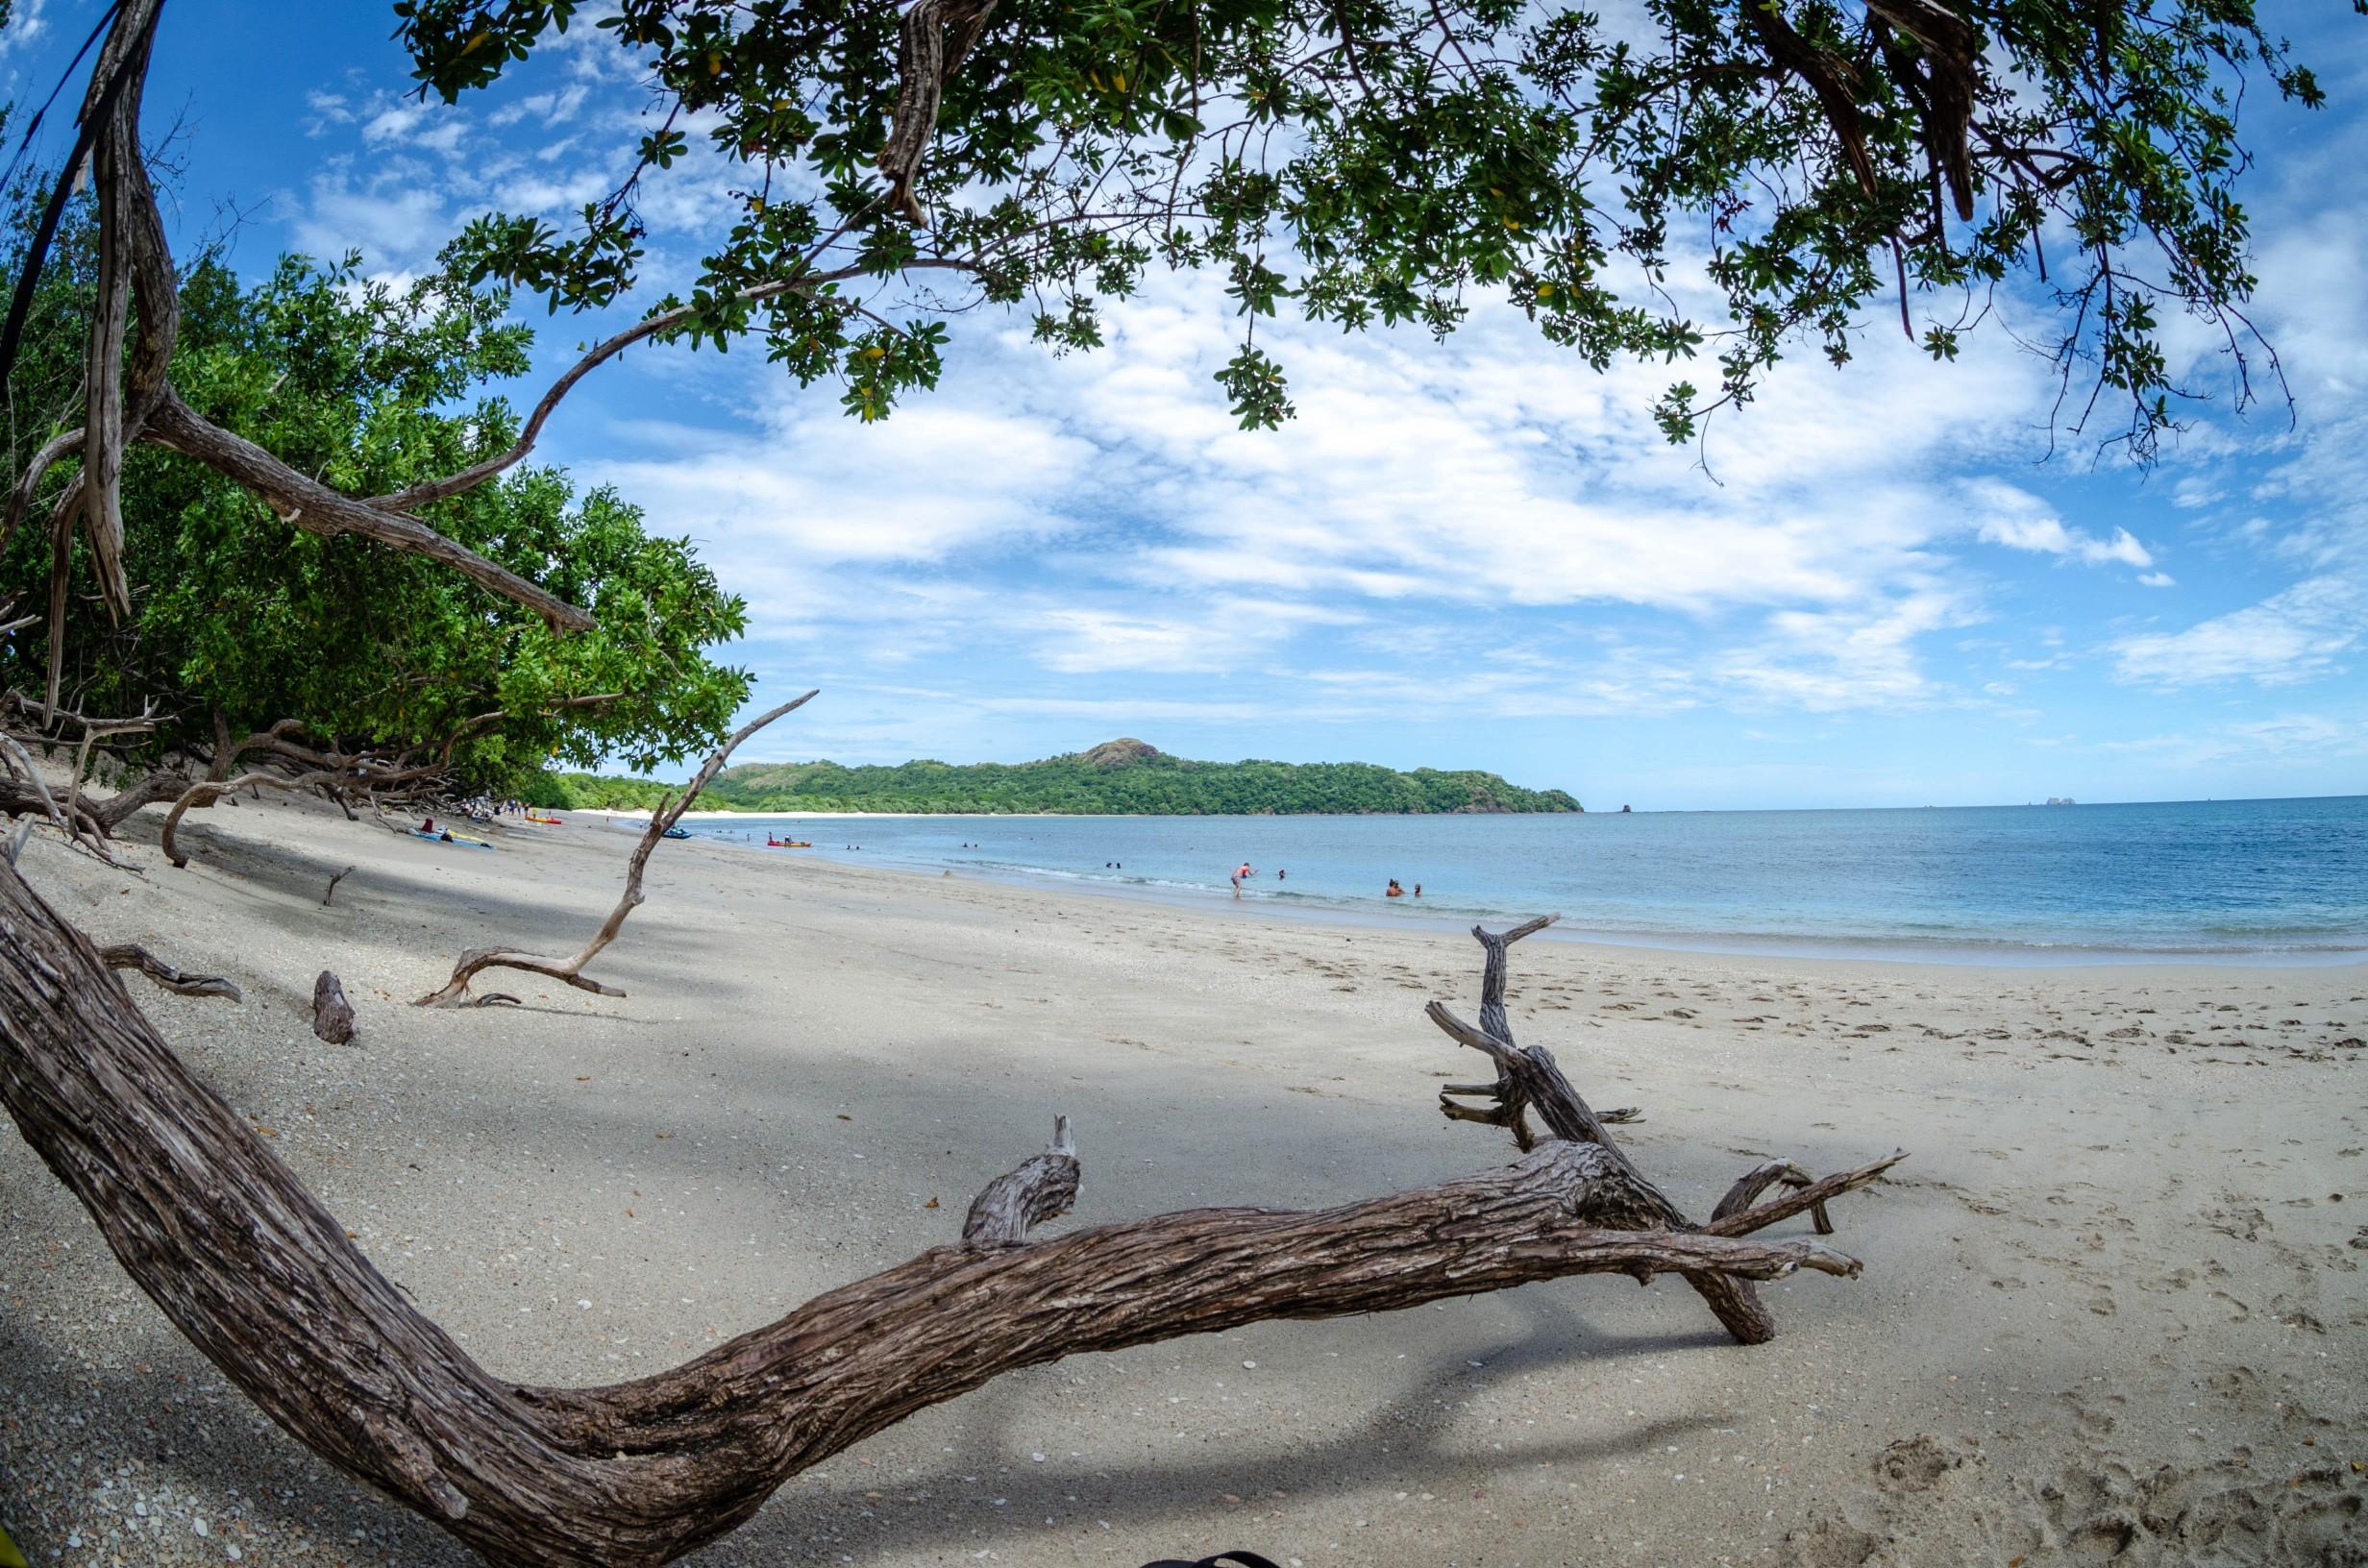 Top 5: Sitios turísticos en Costa Rica para vivir la ¡pura vida!